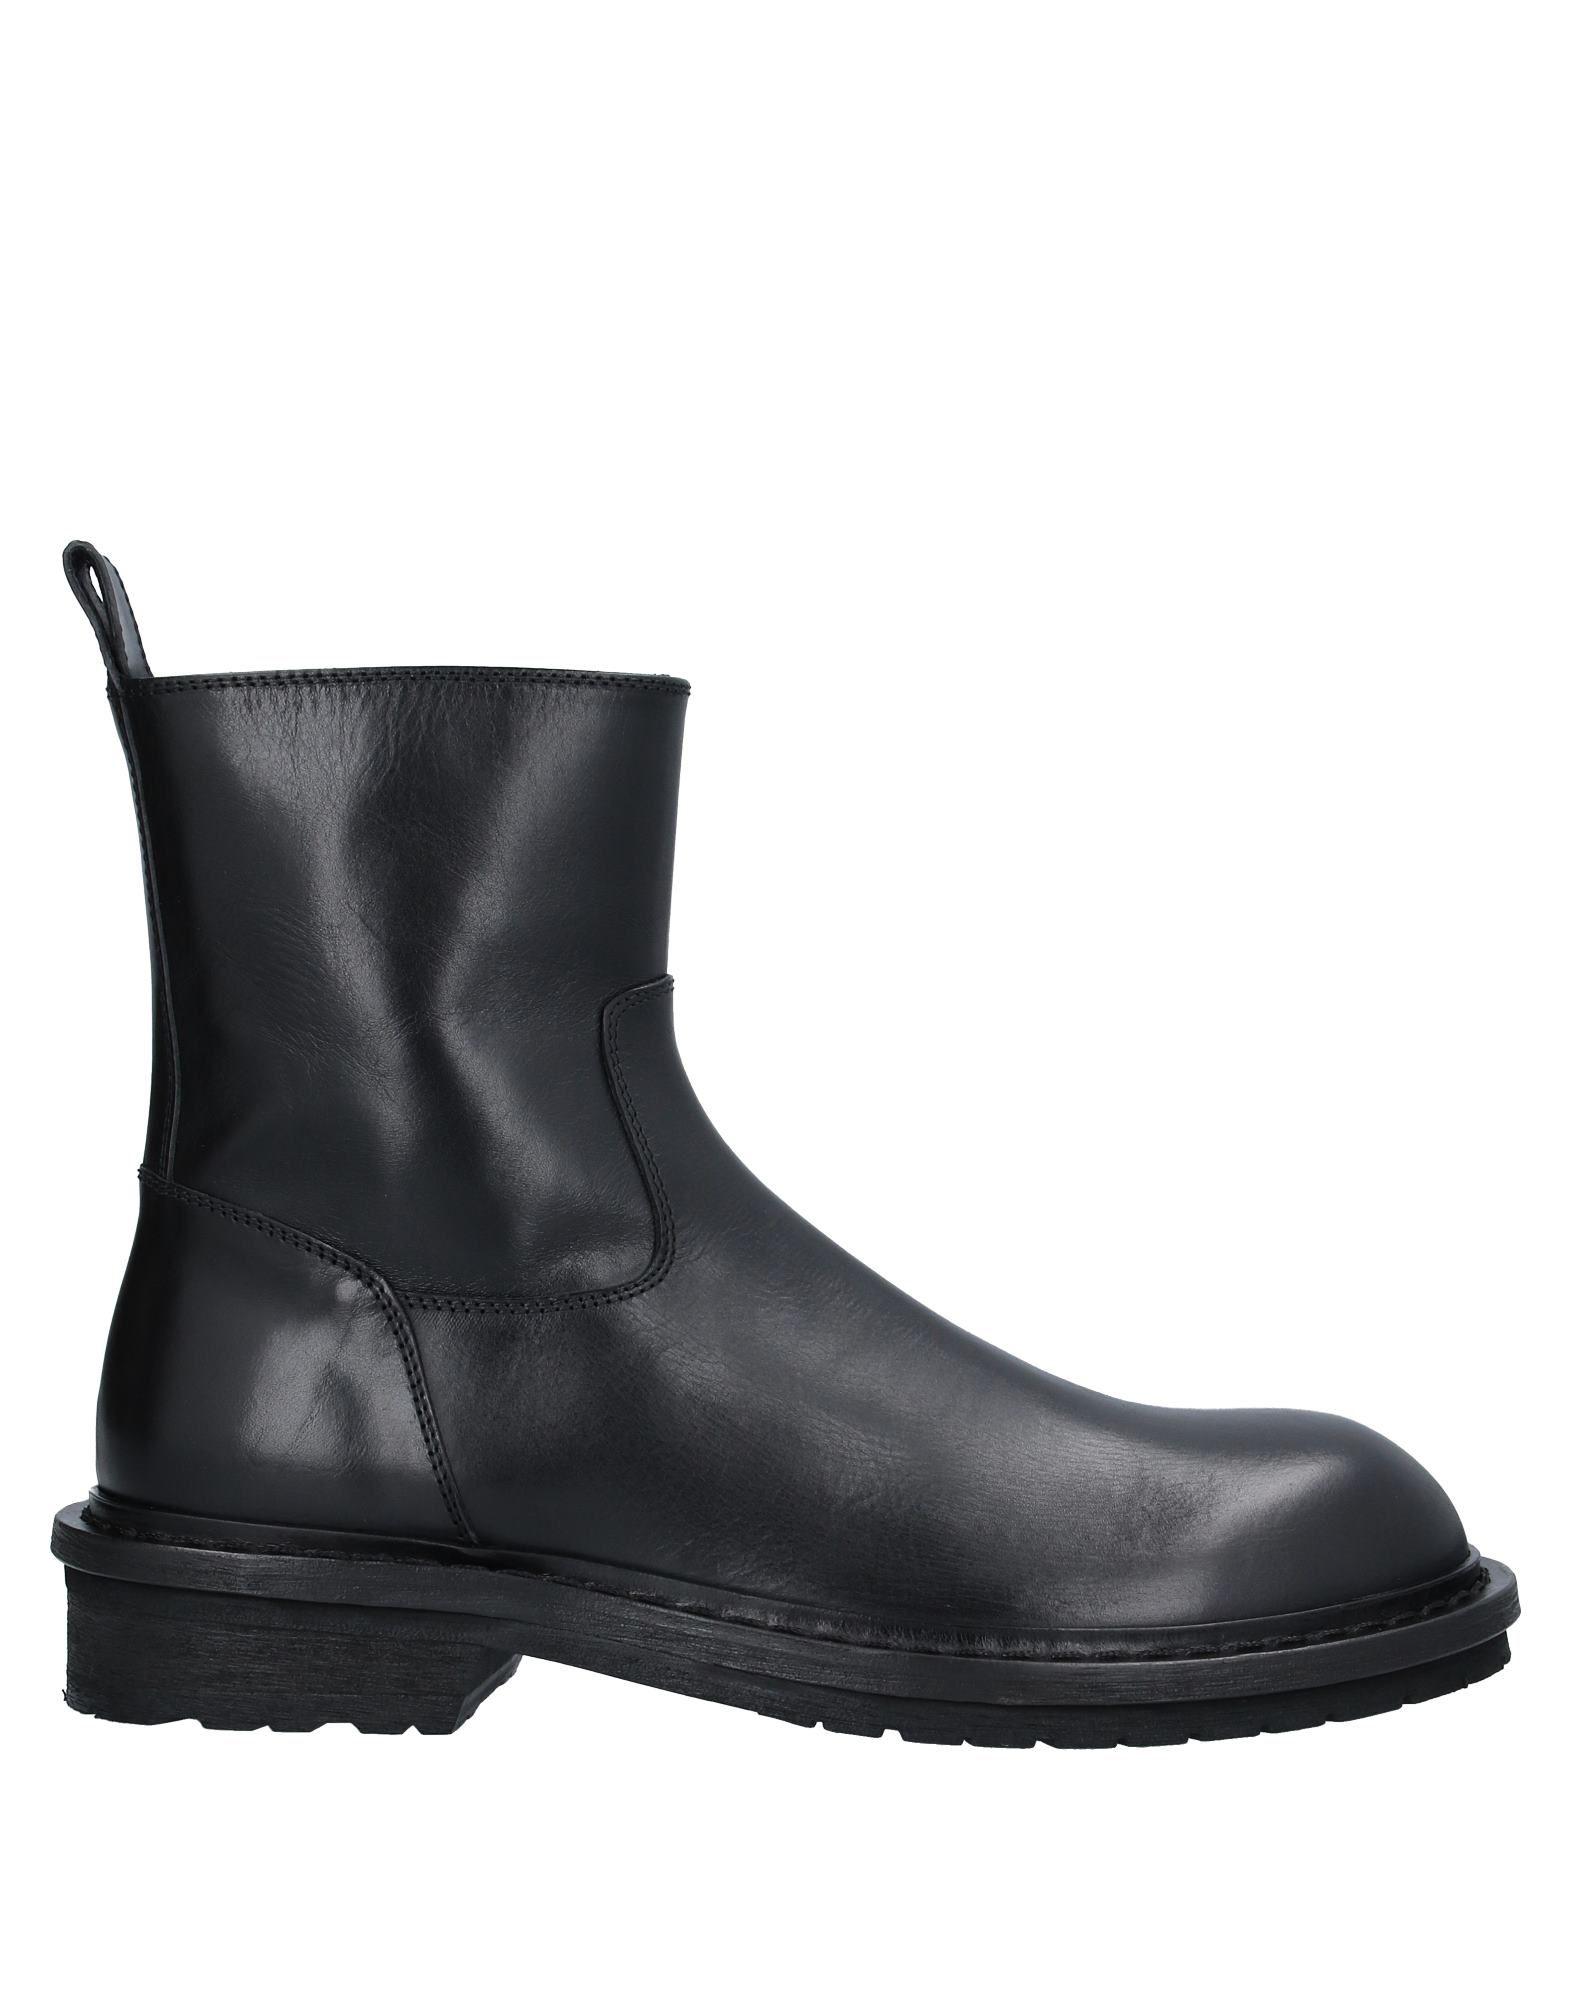 ANN DEMEULEMEESTER Полусапоги и высокие ботинки ботинки tapiboo размер 30 черный